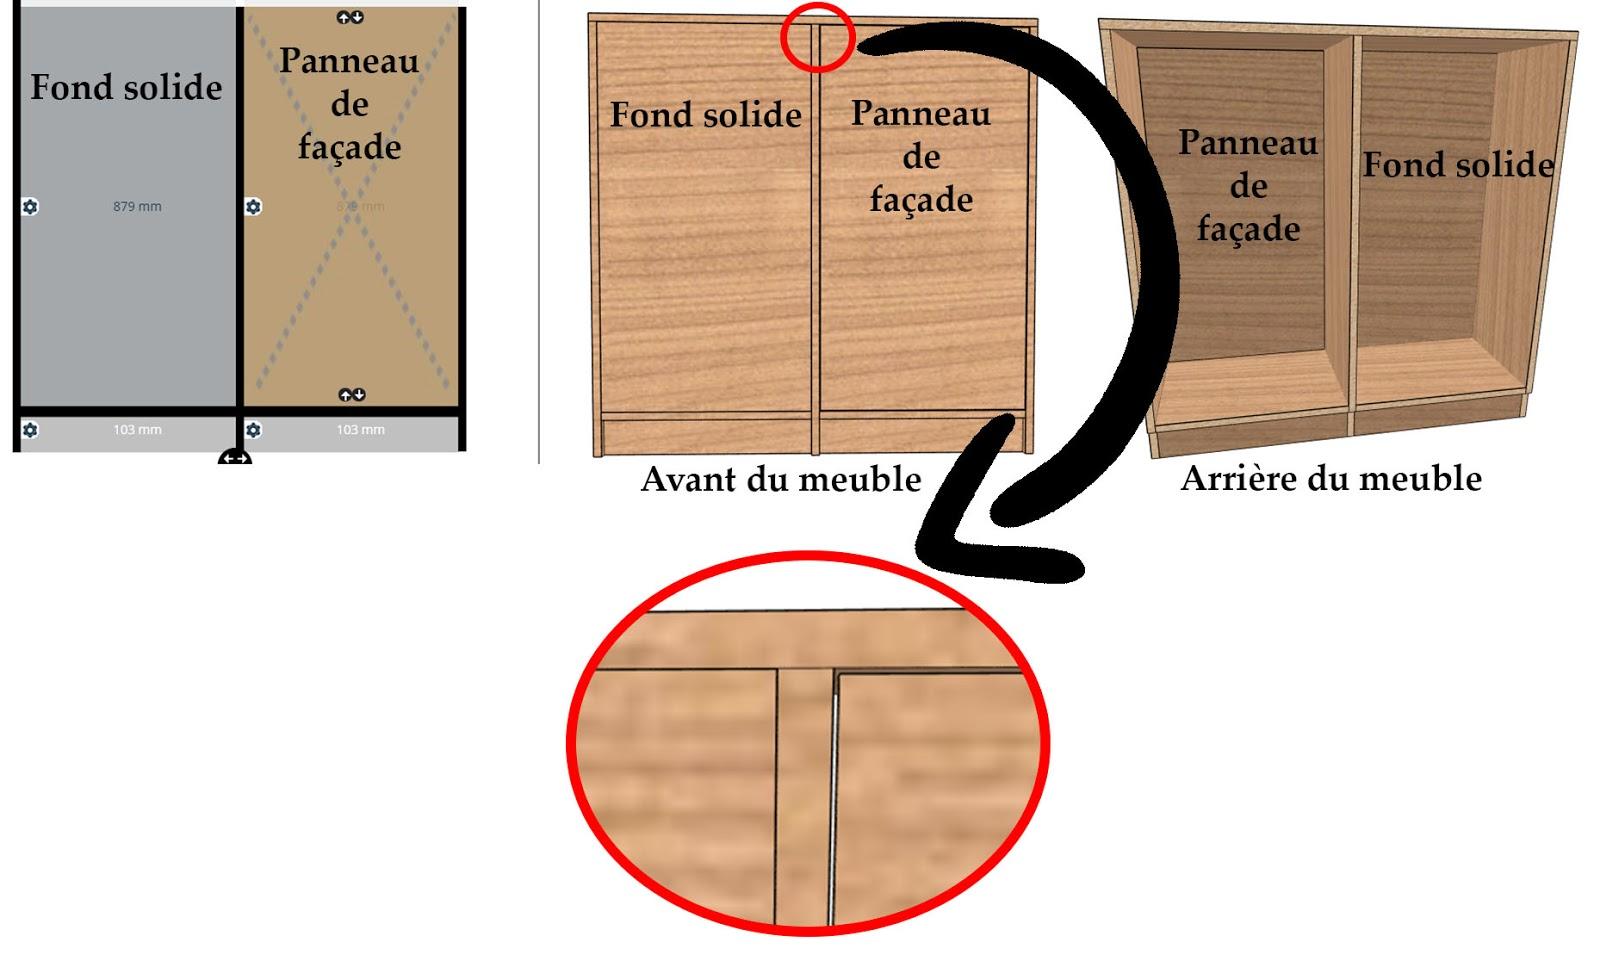 meuble sur mesure fond solide panneau de façade